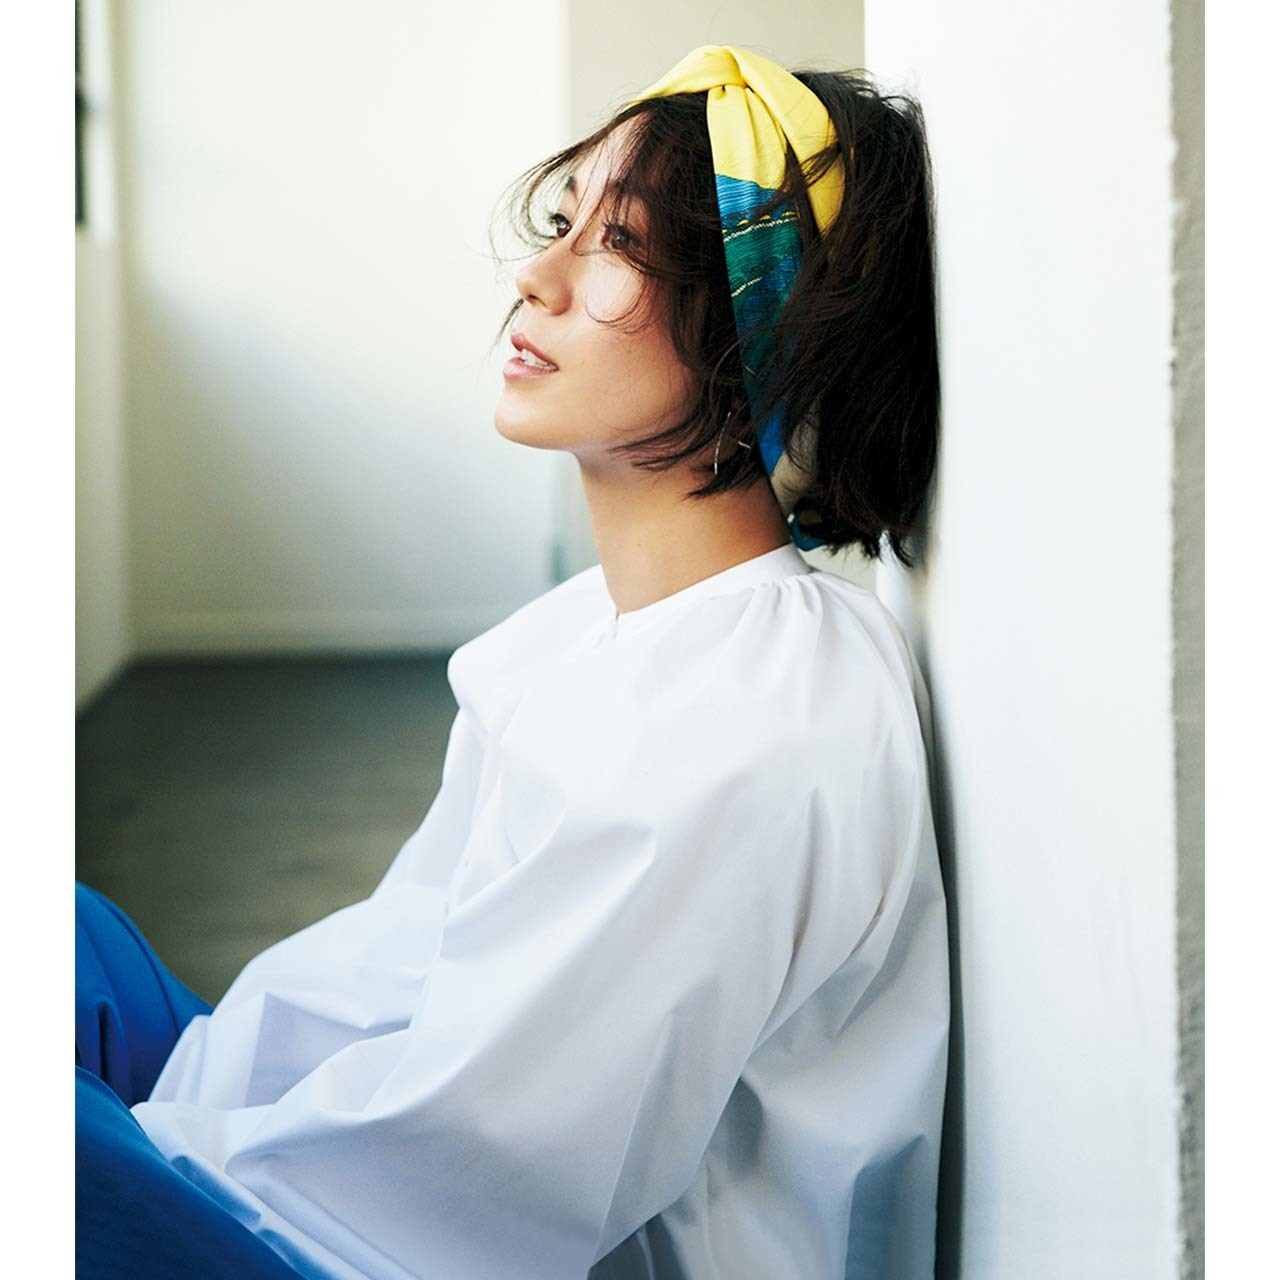 スカーフを使ったヘアアレンジをしたモデルの竹内友梨さん